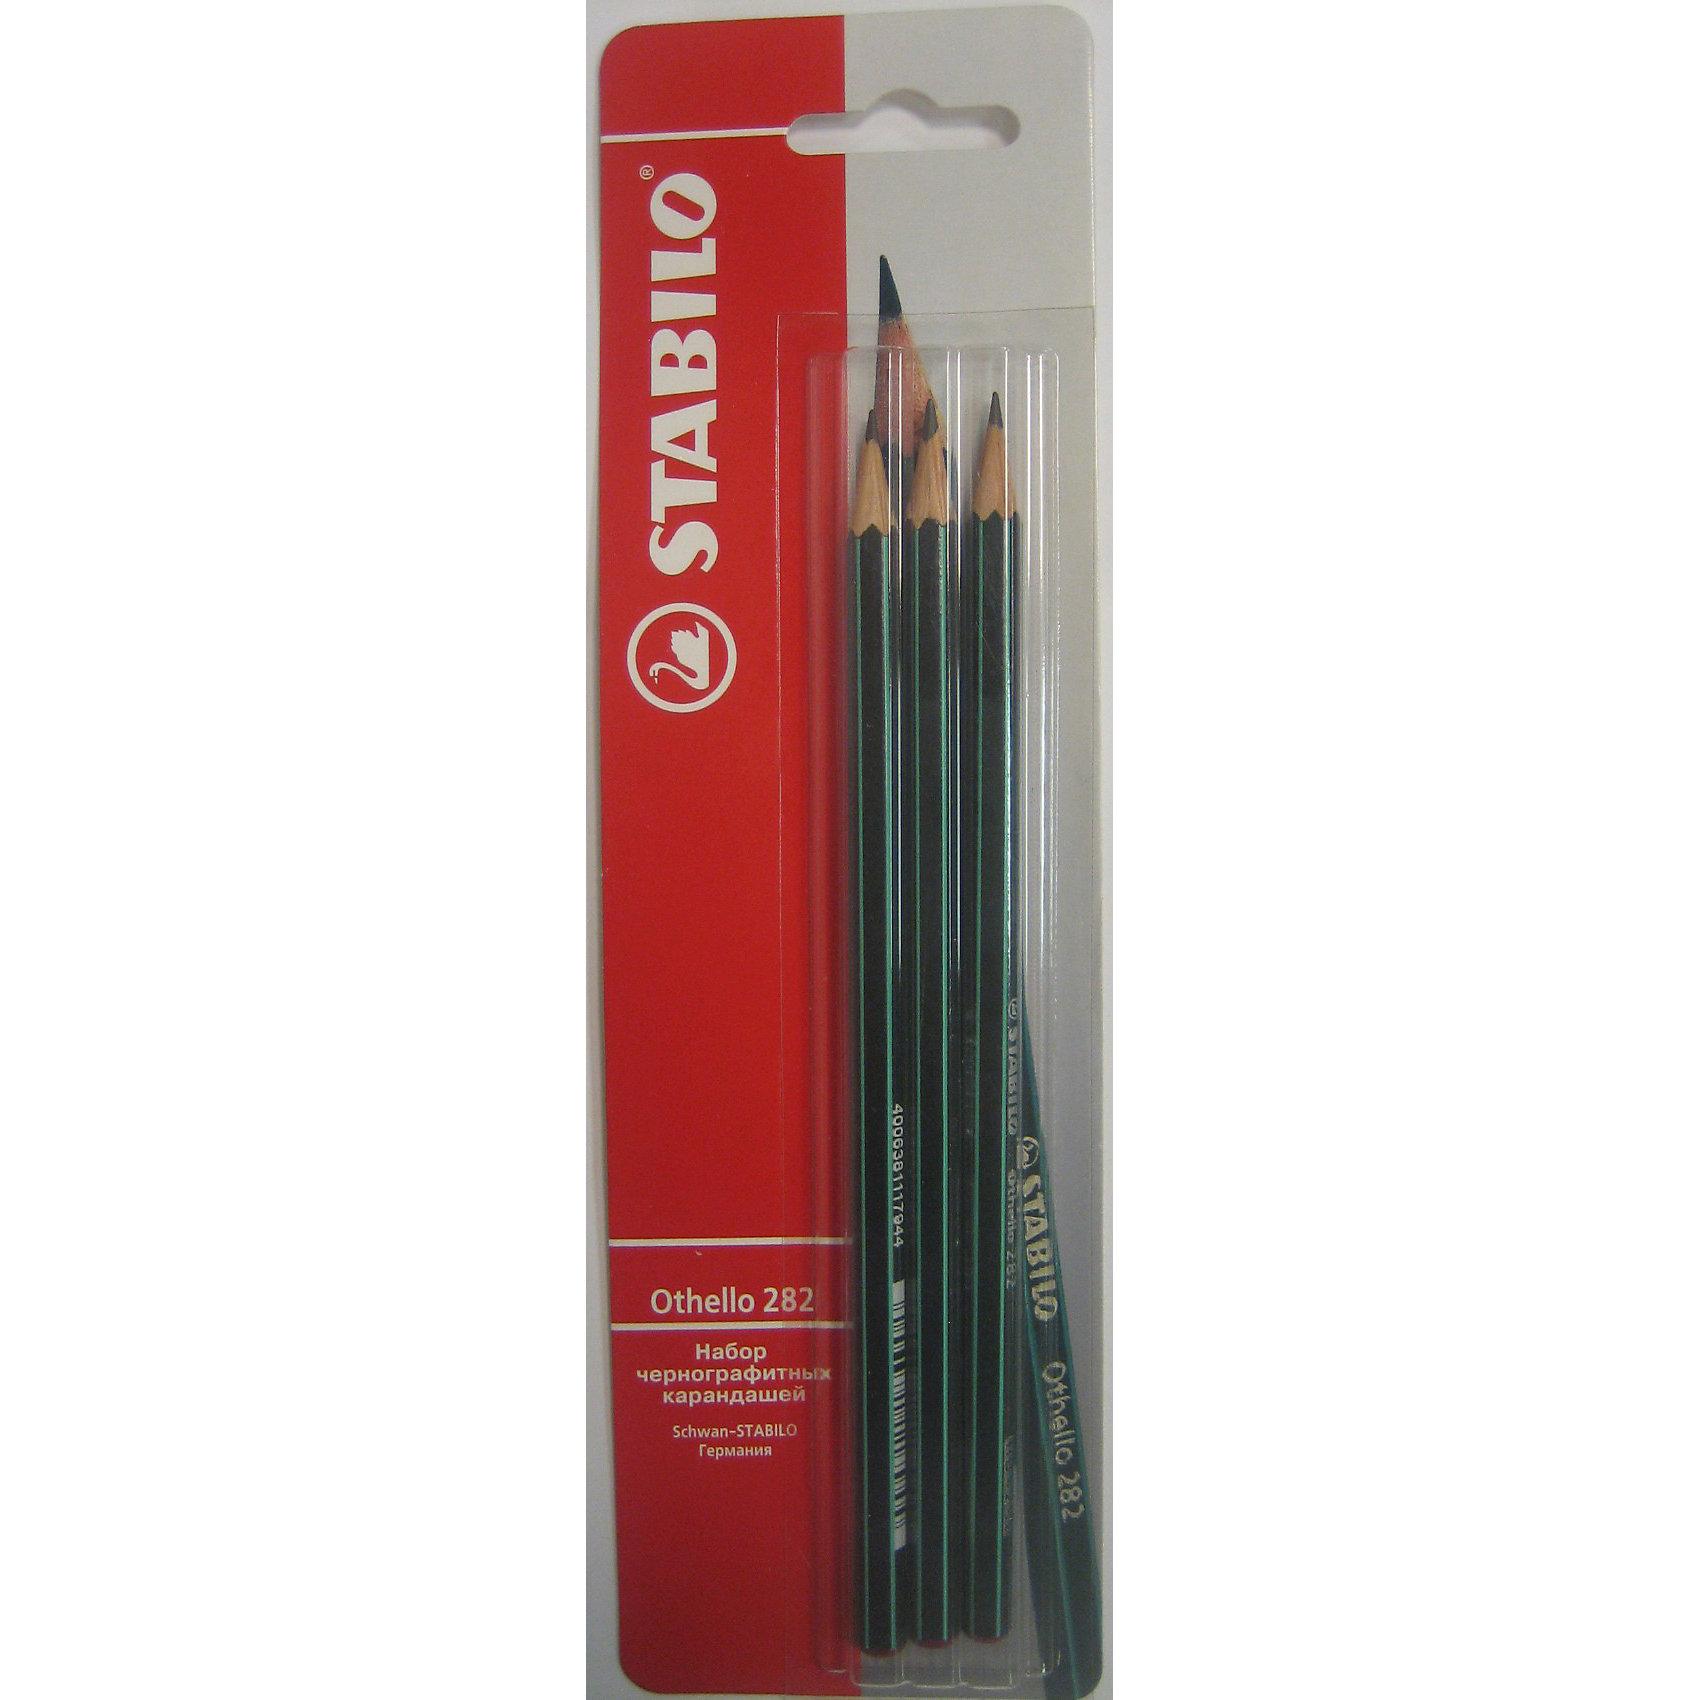 STABILO OTHELLO Карандаши чернографитные, 3штОсобо прочный и экономичный карандаш самого высокого качества. Легко и аккуратно затачивается. Грифель (HB) из высококачественного мелкодисперсного графита благодаря особой технологии обработки даже при падении и ударе не ломается.  Многослойное  лаковое   покрытие обеспечивает идеальный внешний вид карандаша на протяжении всего срока  службы.<br><br>Ширина мм: 295<br>Глубина мм: 245<br>Высота мм: 160<br>Вес г: 40<br>Возраст от месяцев: 84<br>Возраст до месяцев: 216<br>Пол: Унисекс<br>Возраст: Детский<br>SKU: 3157351